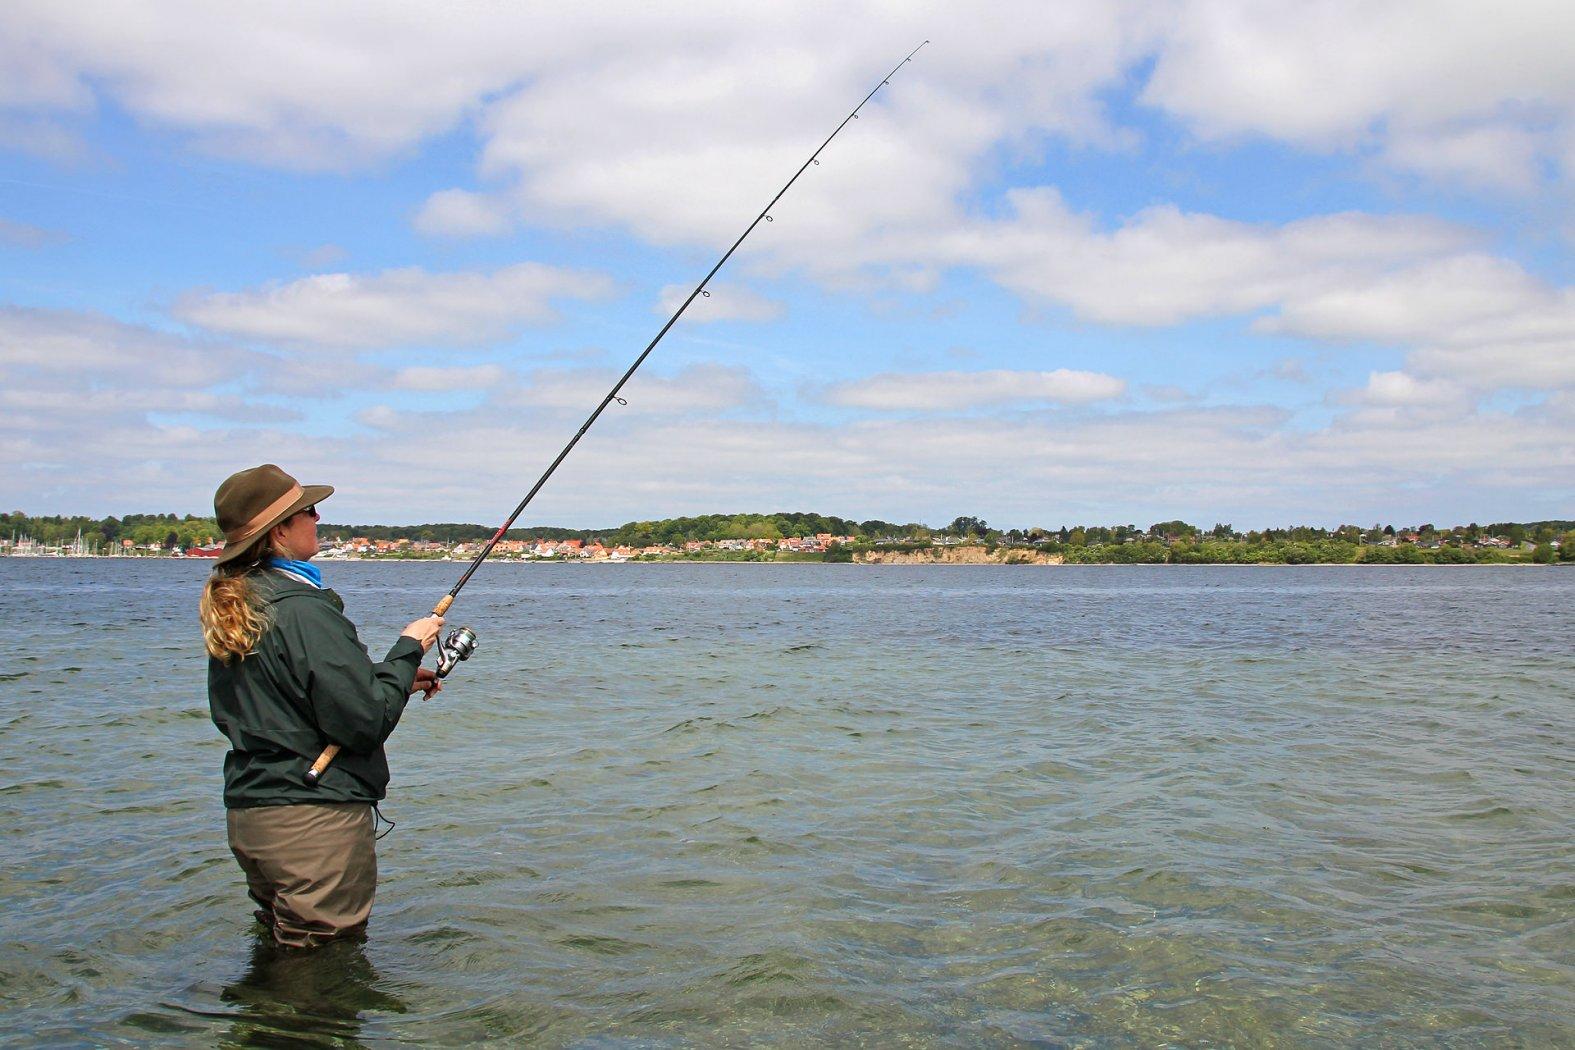 hornhecht angeln mit wasserkugel